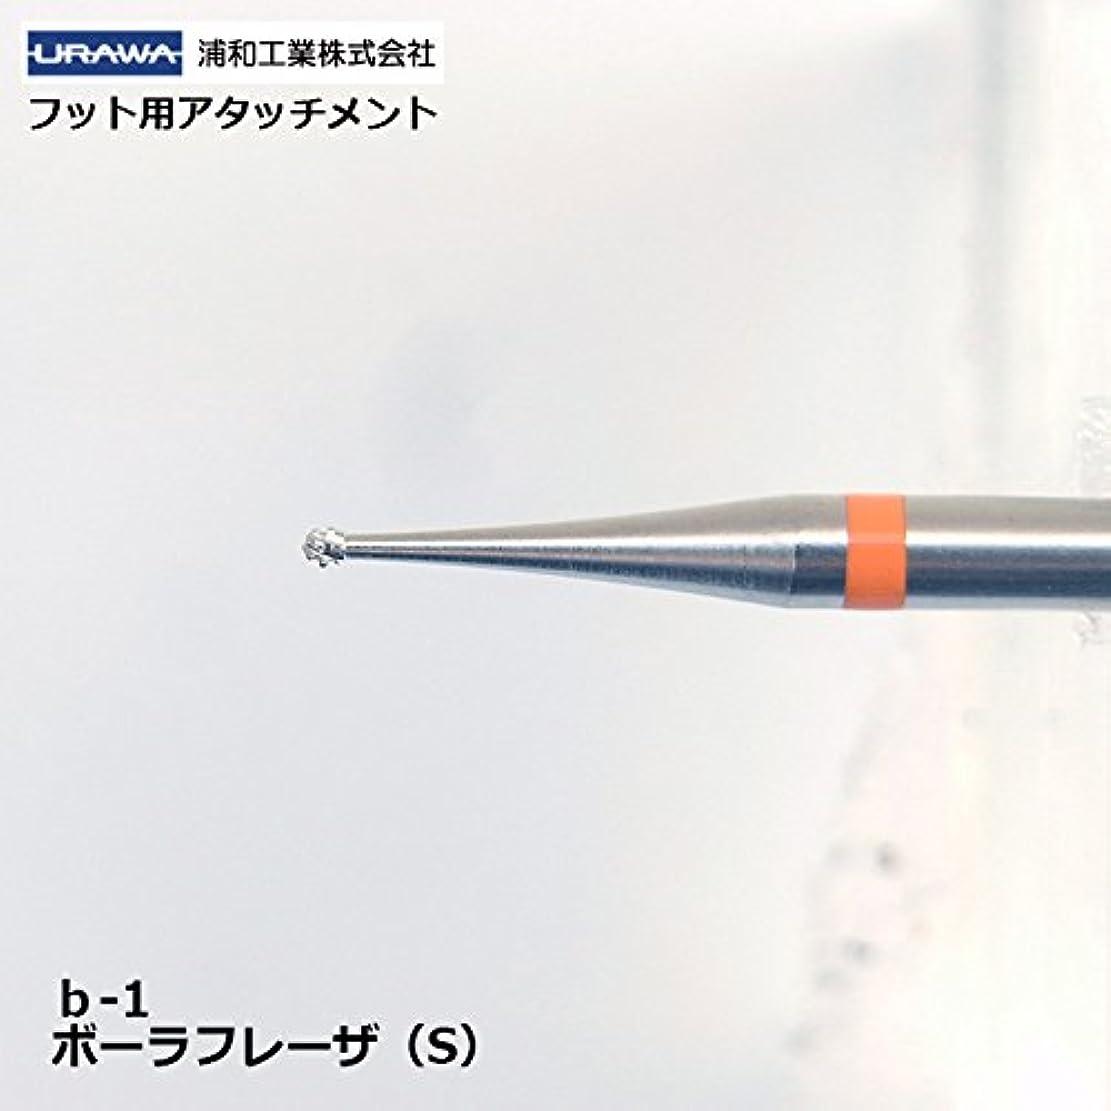 乗って言語工夫する【URAWA】ボーラフレーザーS(b-1)【フット用アタッチメント】